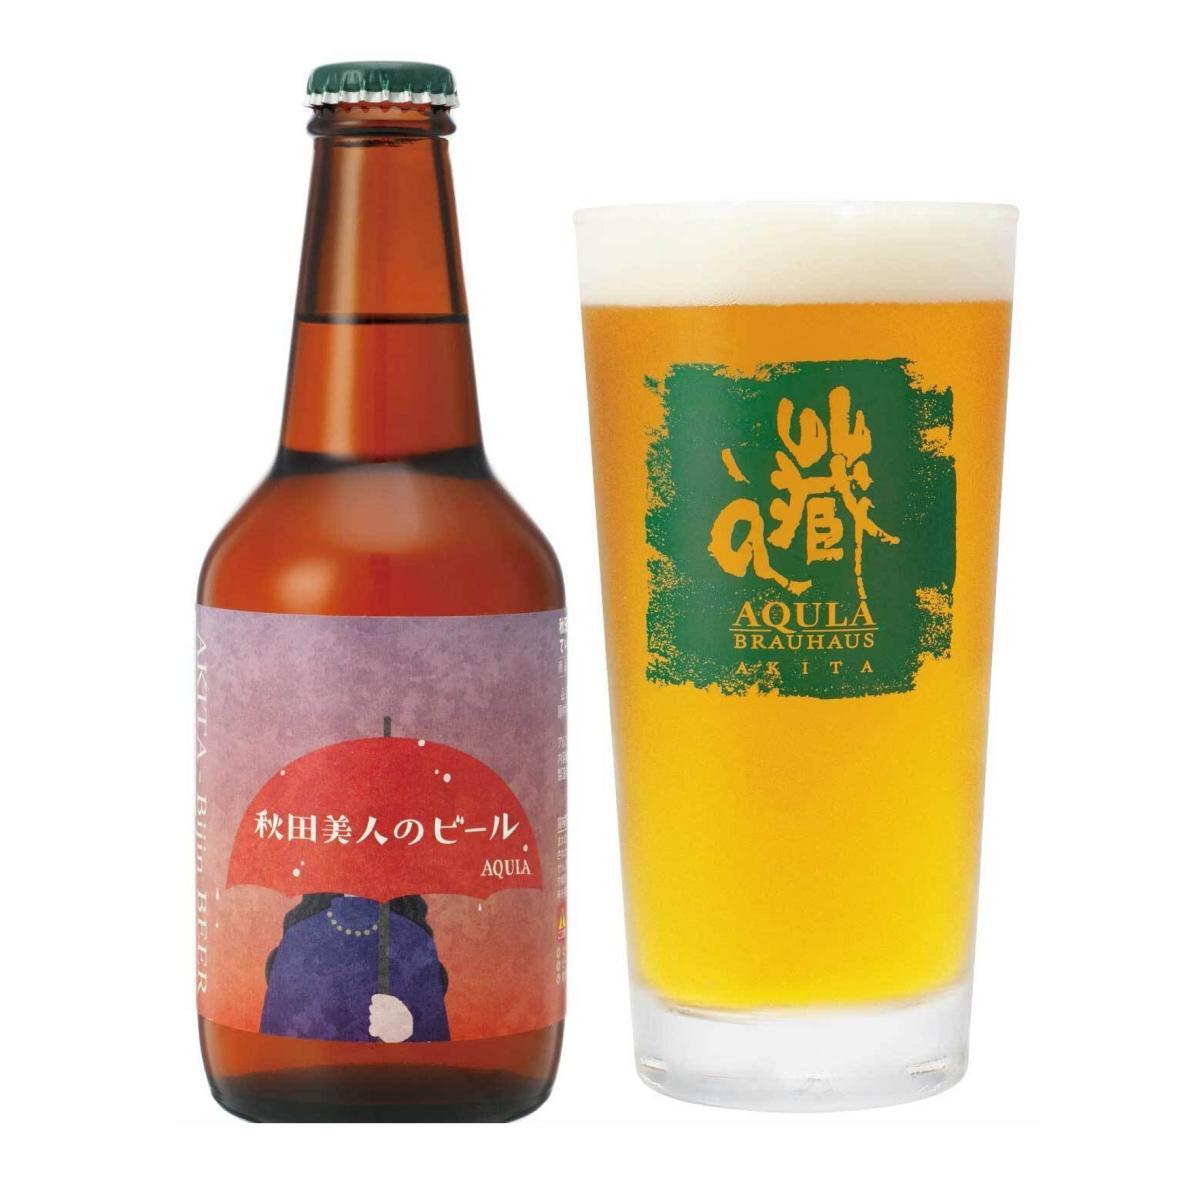 約20年ぶりにラベルデザインを一新した秋田市のクラフトビール醸造所「あくら」のボトル商品